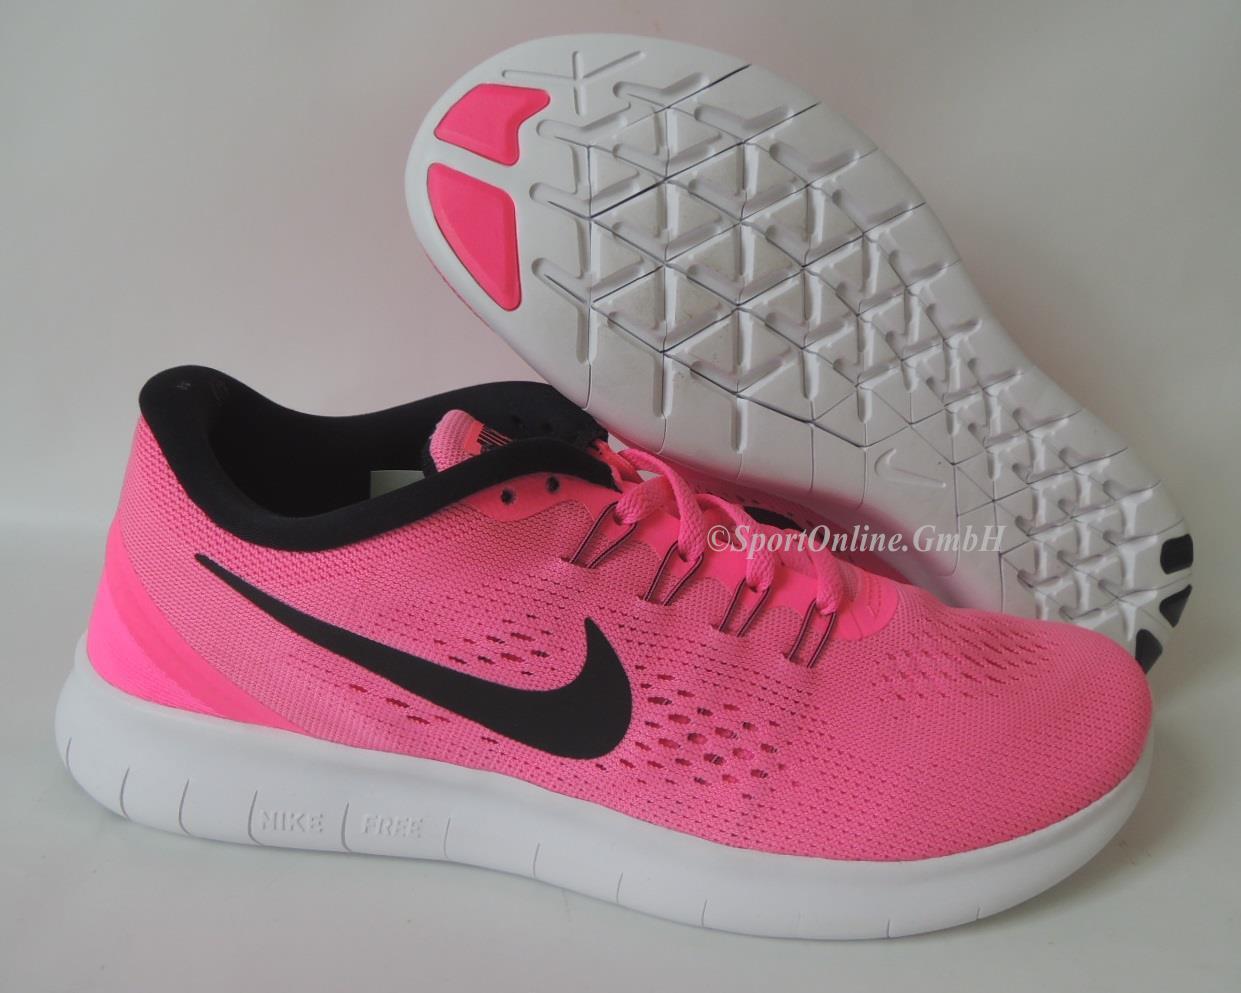 NEU Nike WMNS Free RN Run Gr. 38 Running Schuhe Laufschuhe Turnschuhe 831509-600